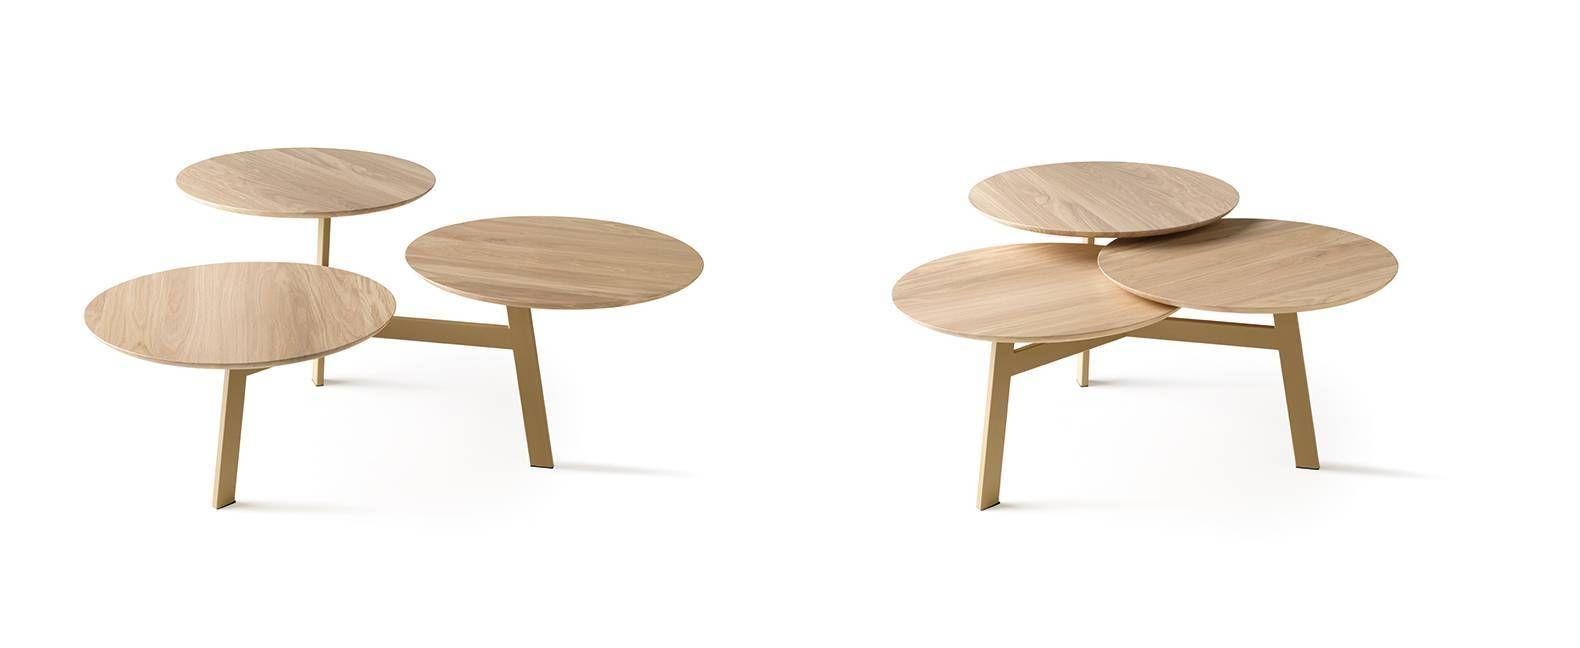 Design Salontafel Leolux.Design Salontafel Ninfea Van In 2020 Coffee Table Table